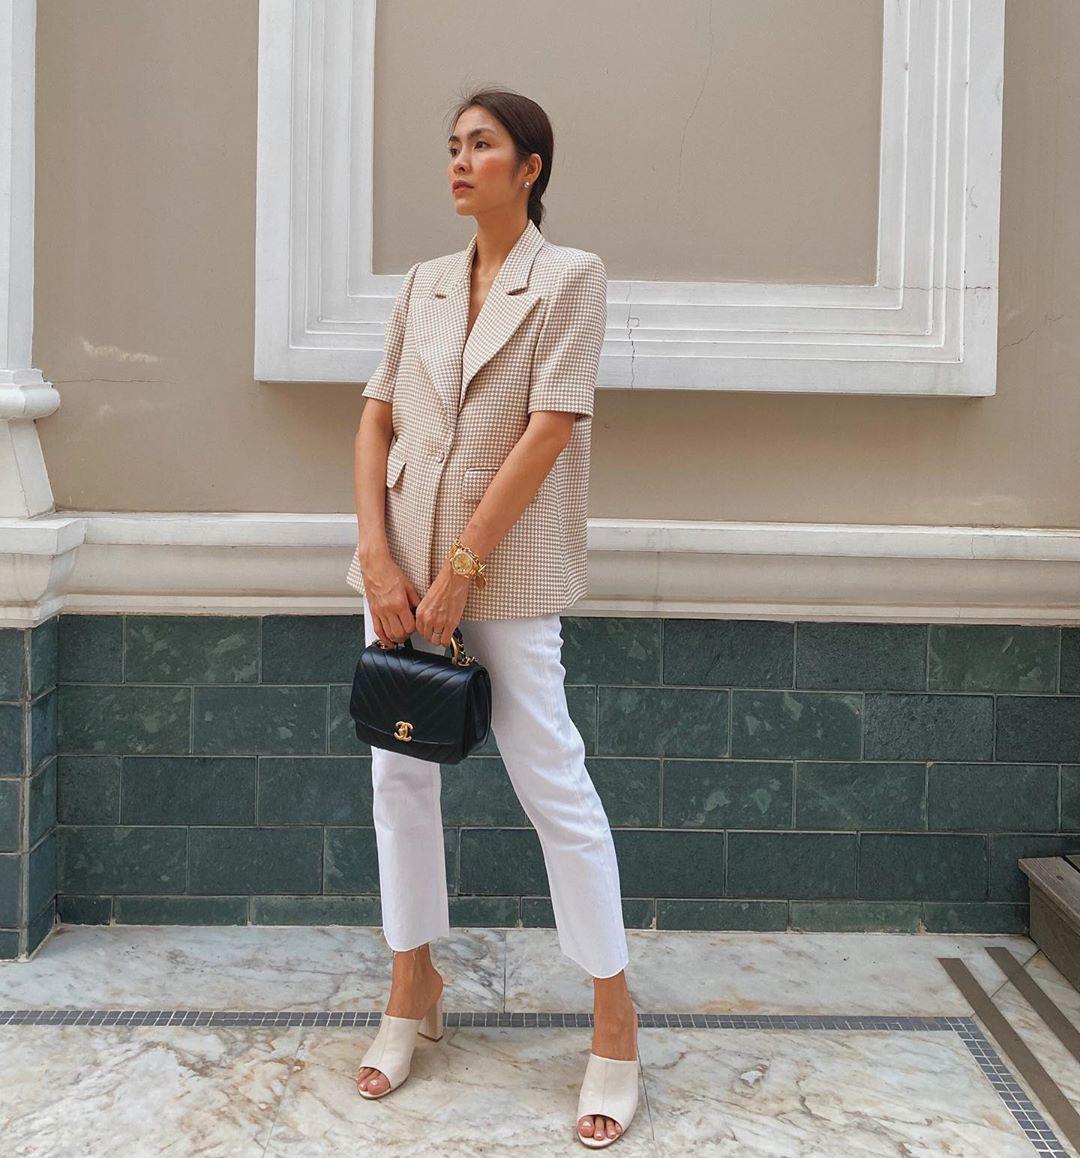 Trong hình ảnh mới đây, ăn diện đơn giản với toàn những item trung tính nhưng Hà Tăng vẫn nổi bần bật với mẫu túi Chanel có giá khoảng 100 triệu đồng.